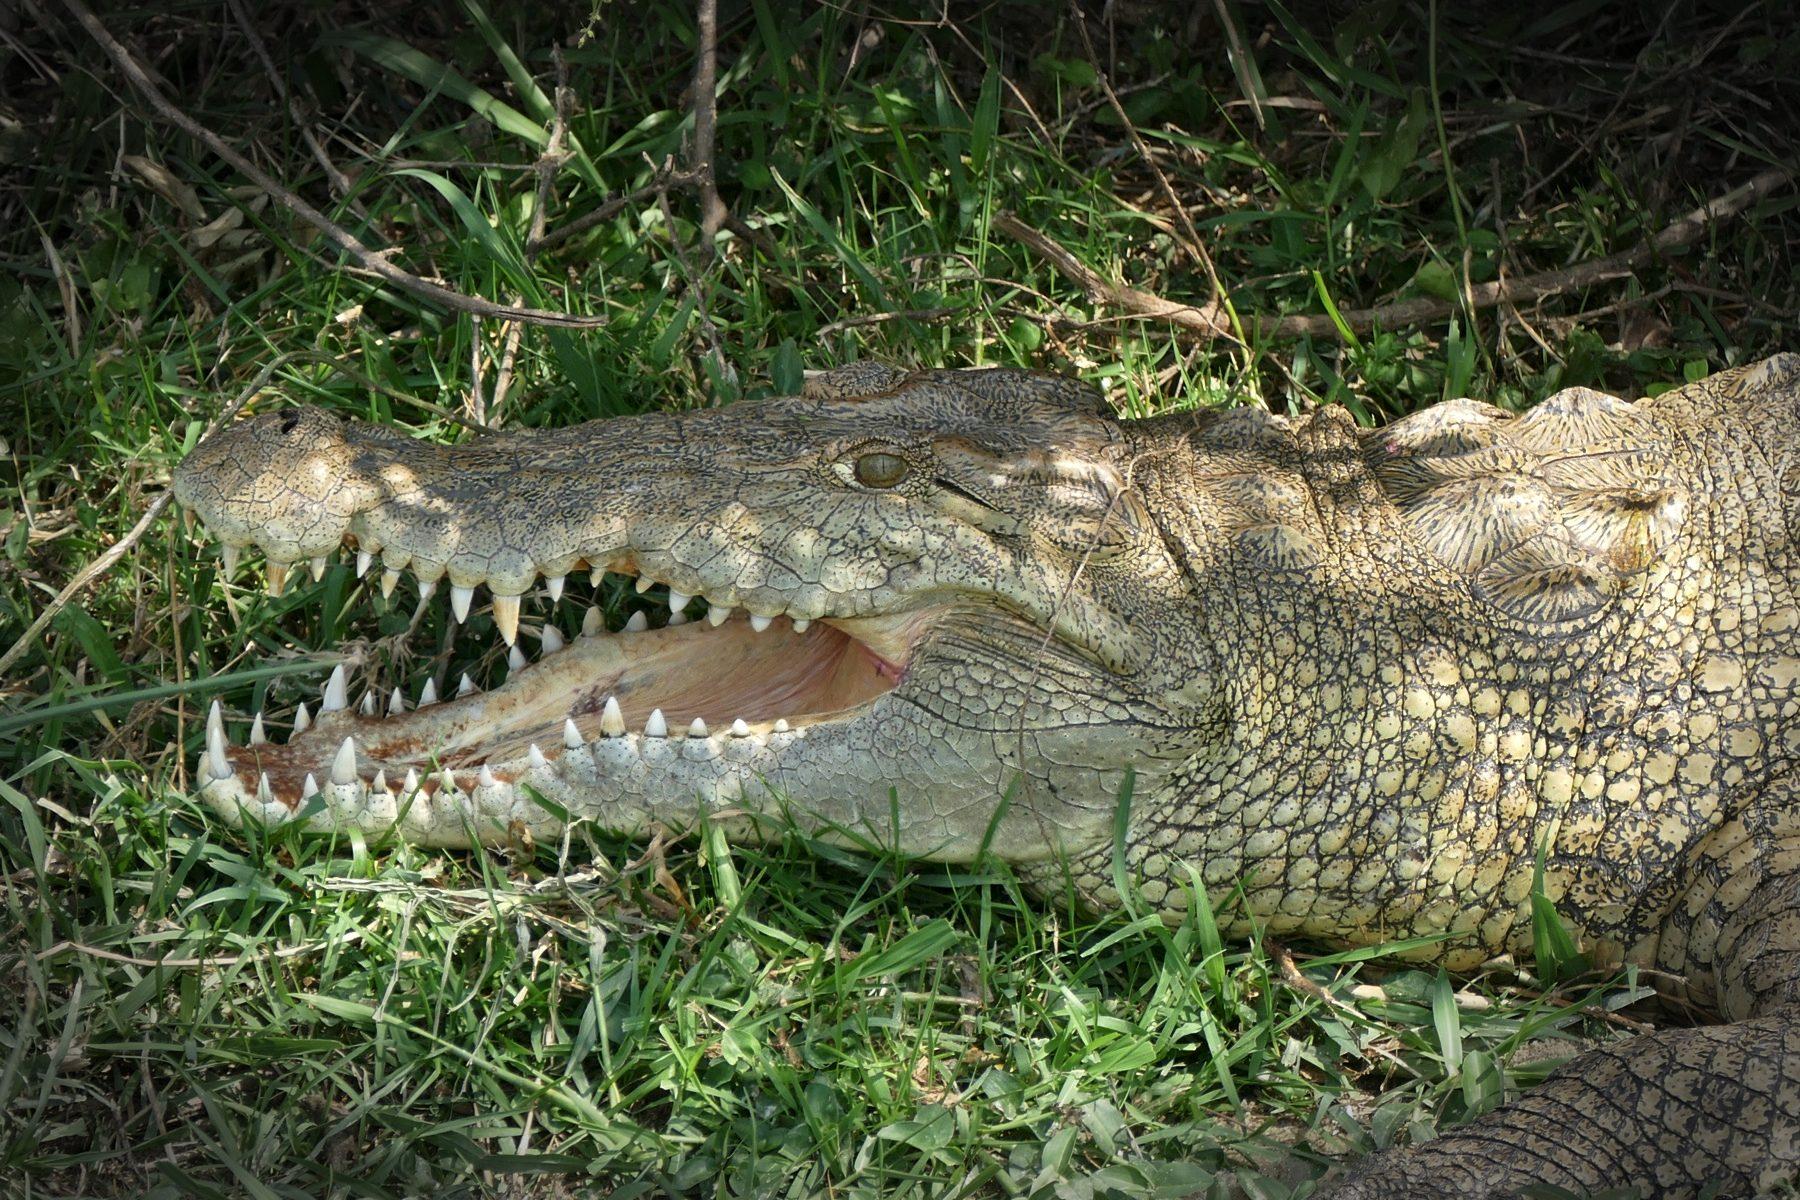 A Nile Crocodile at Queen Elizabeth National Park. Noah Strycker